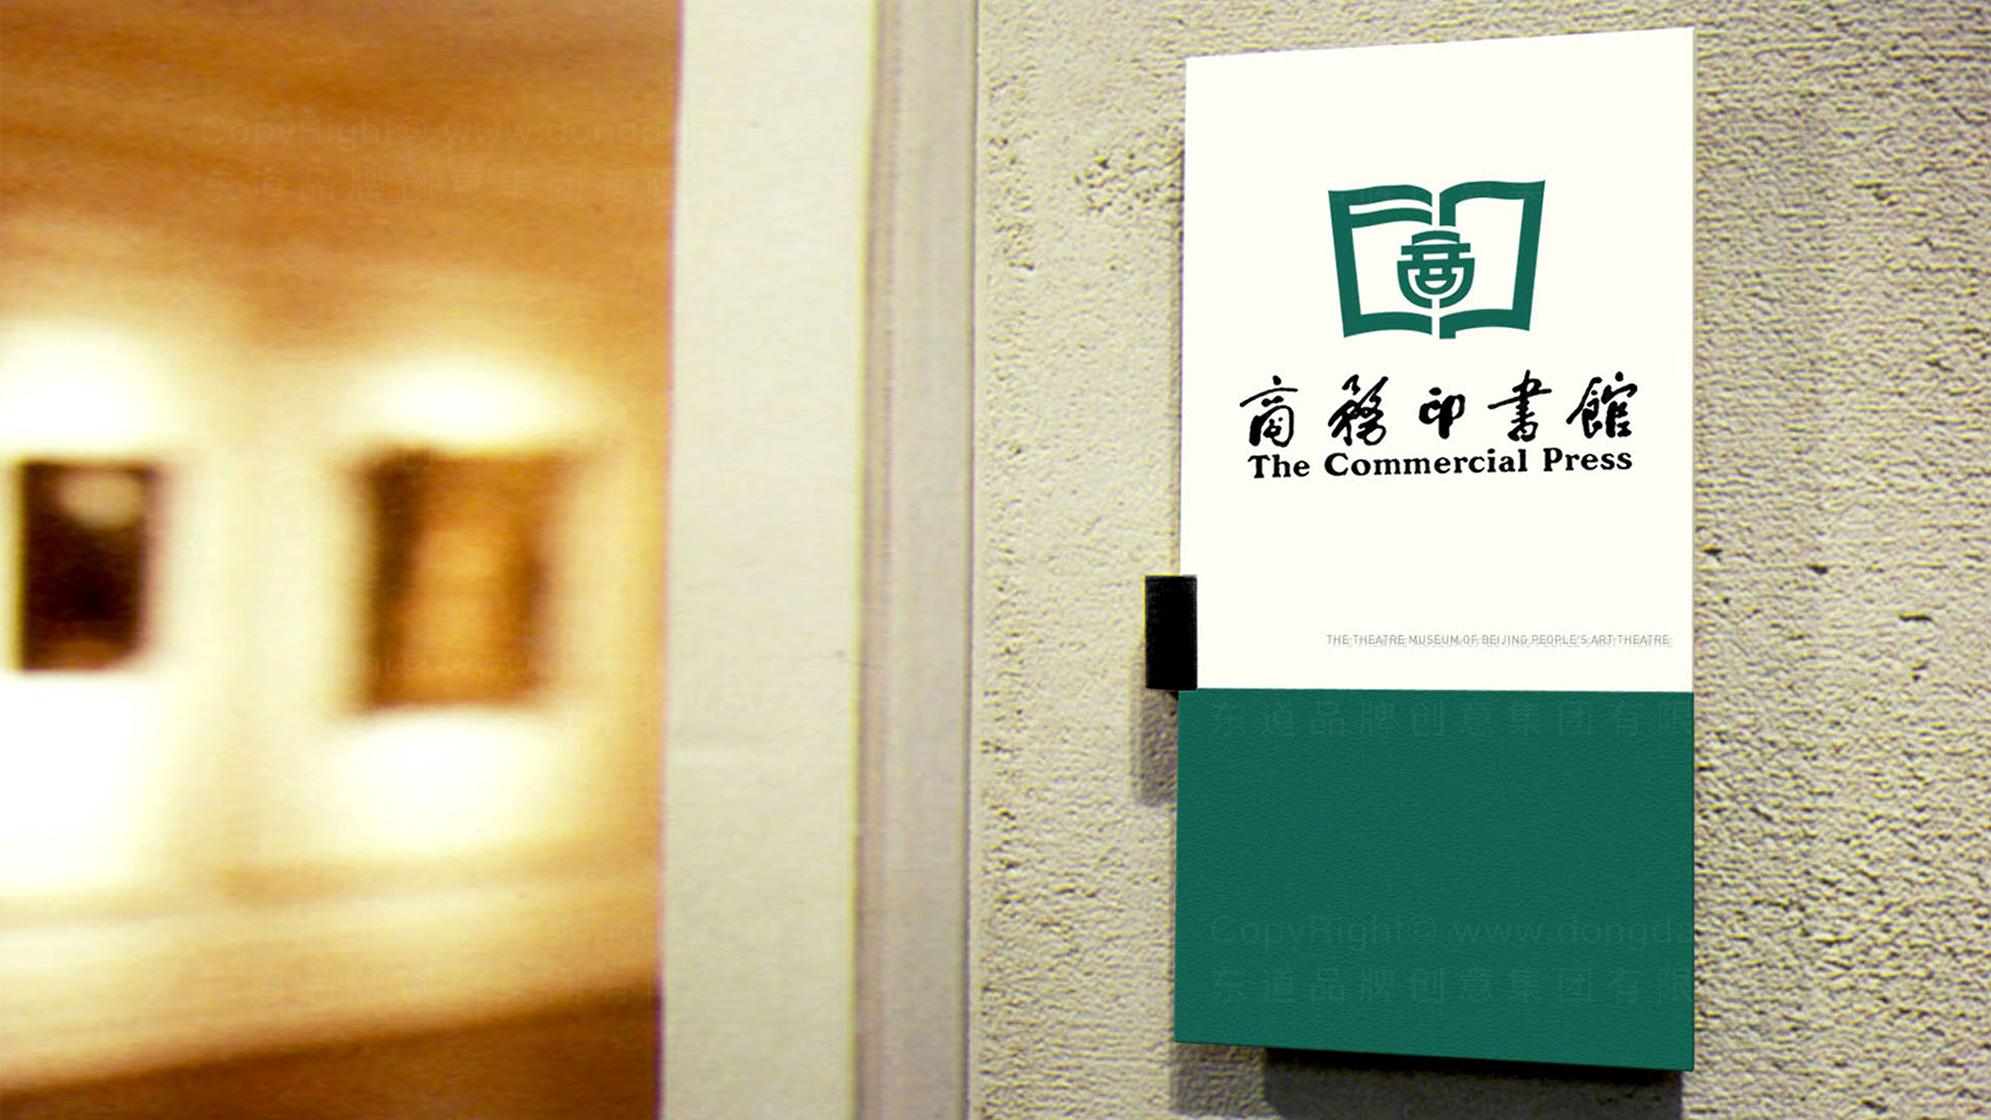 品牌设计商务印书馆LOGO优化&VI设计应用场景_8